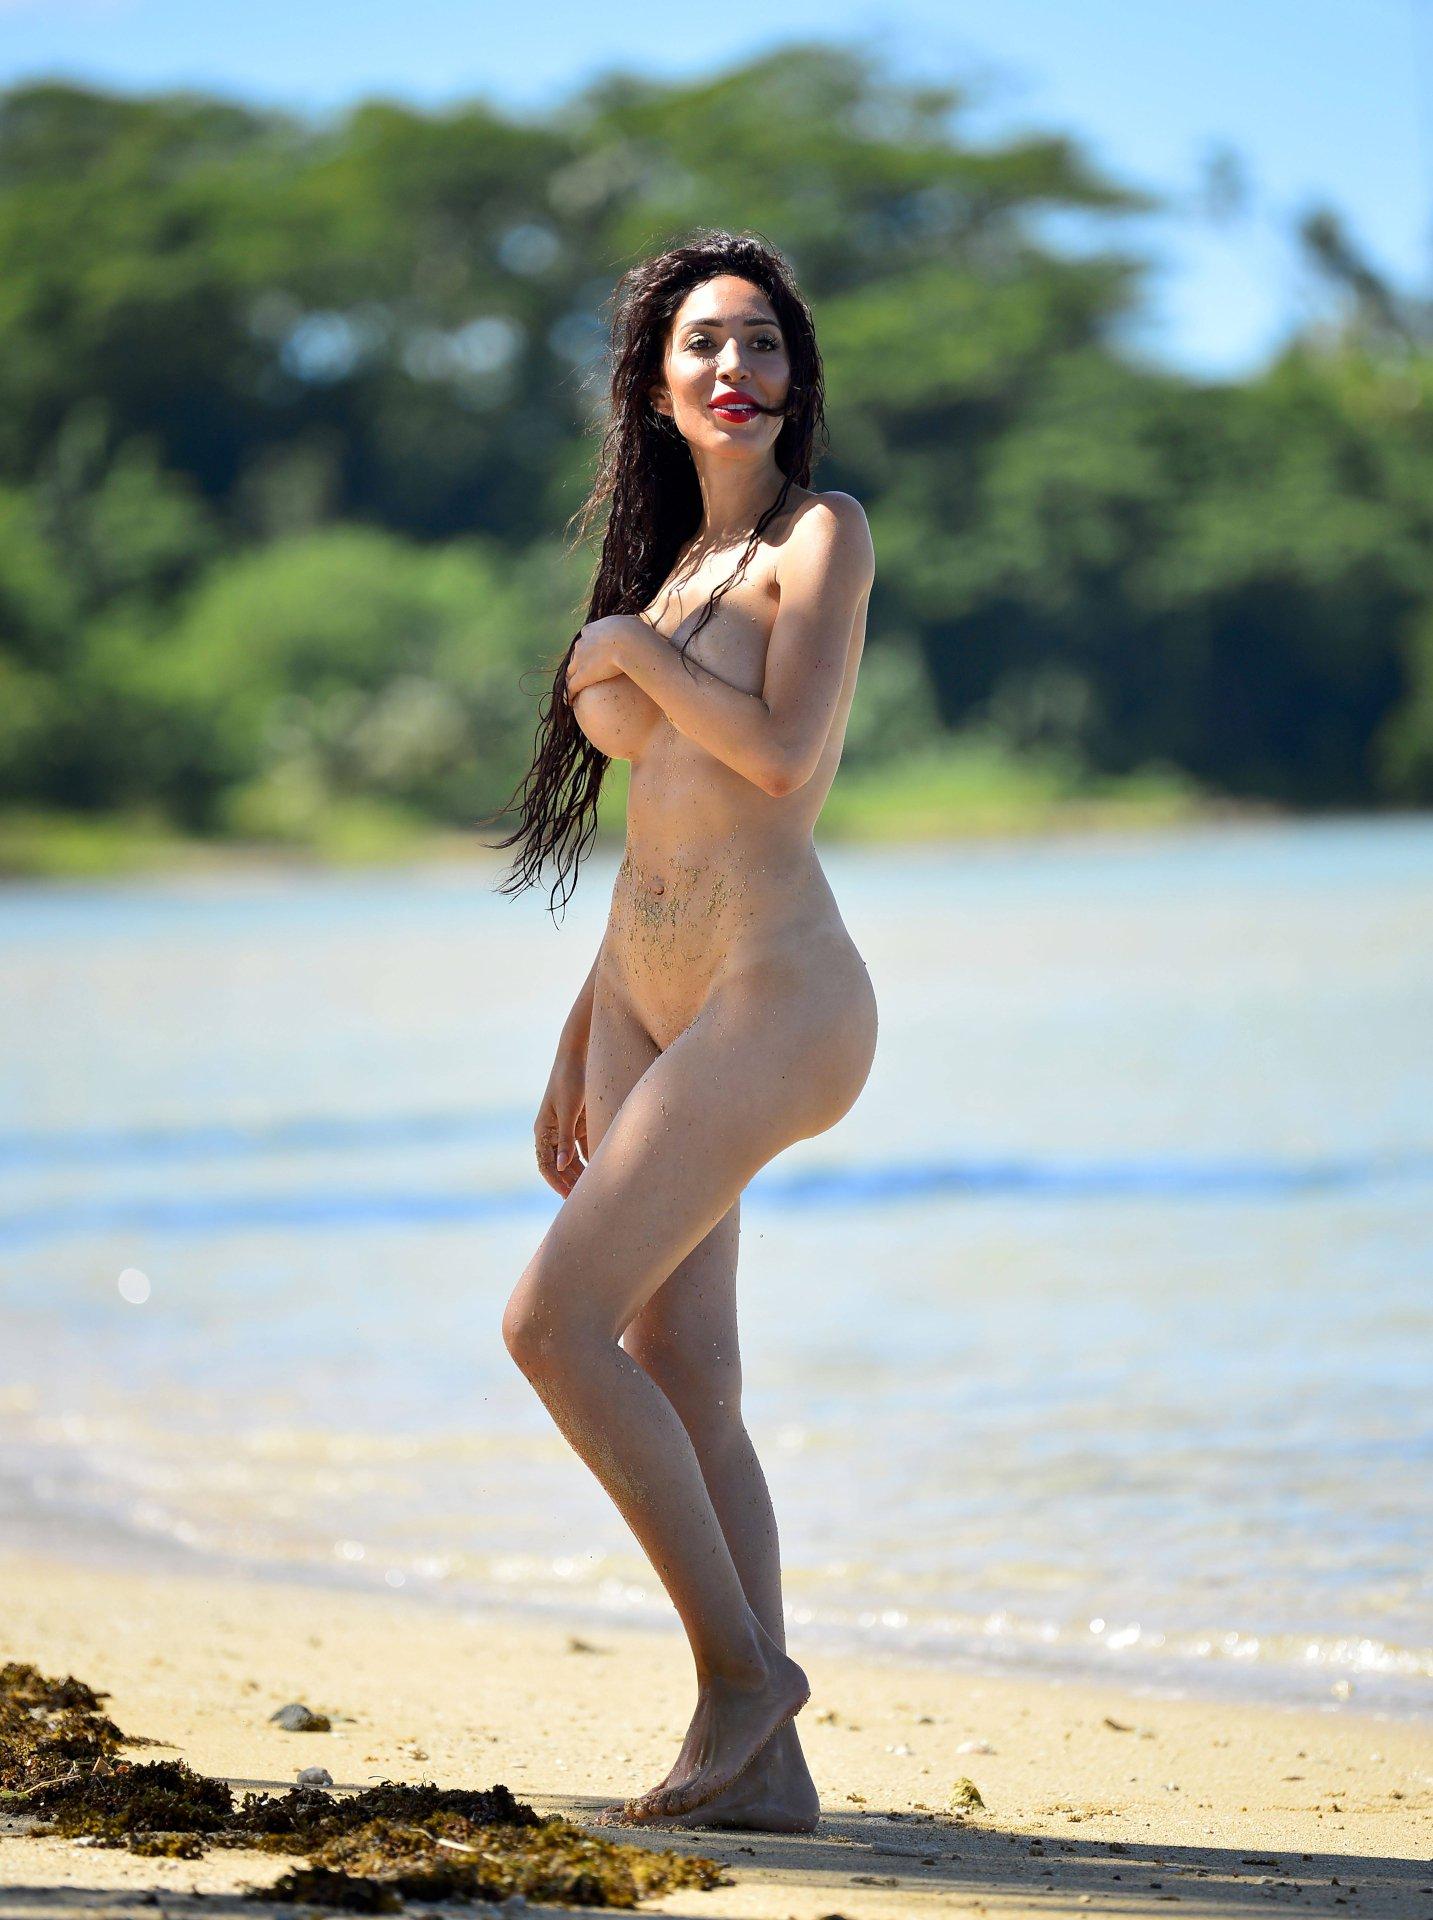 Nude Farrah Abraham nude photos 2019